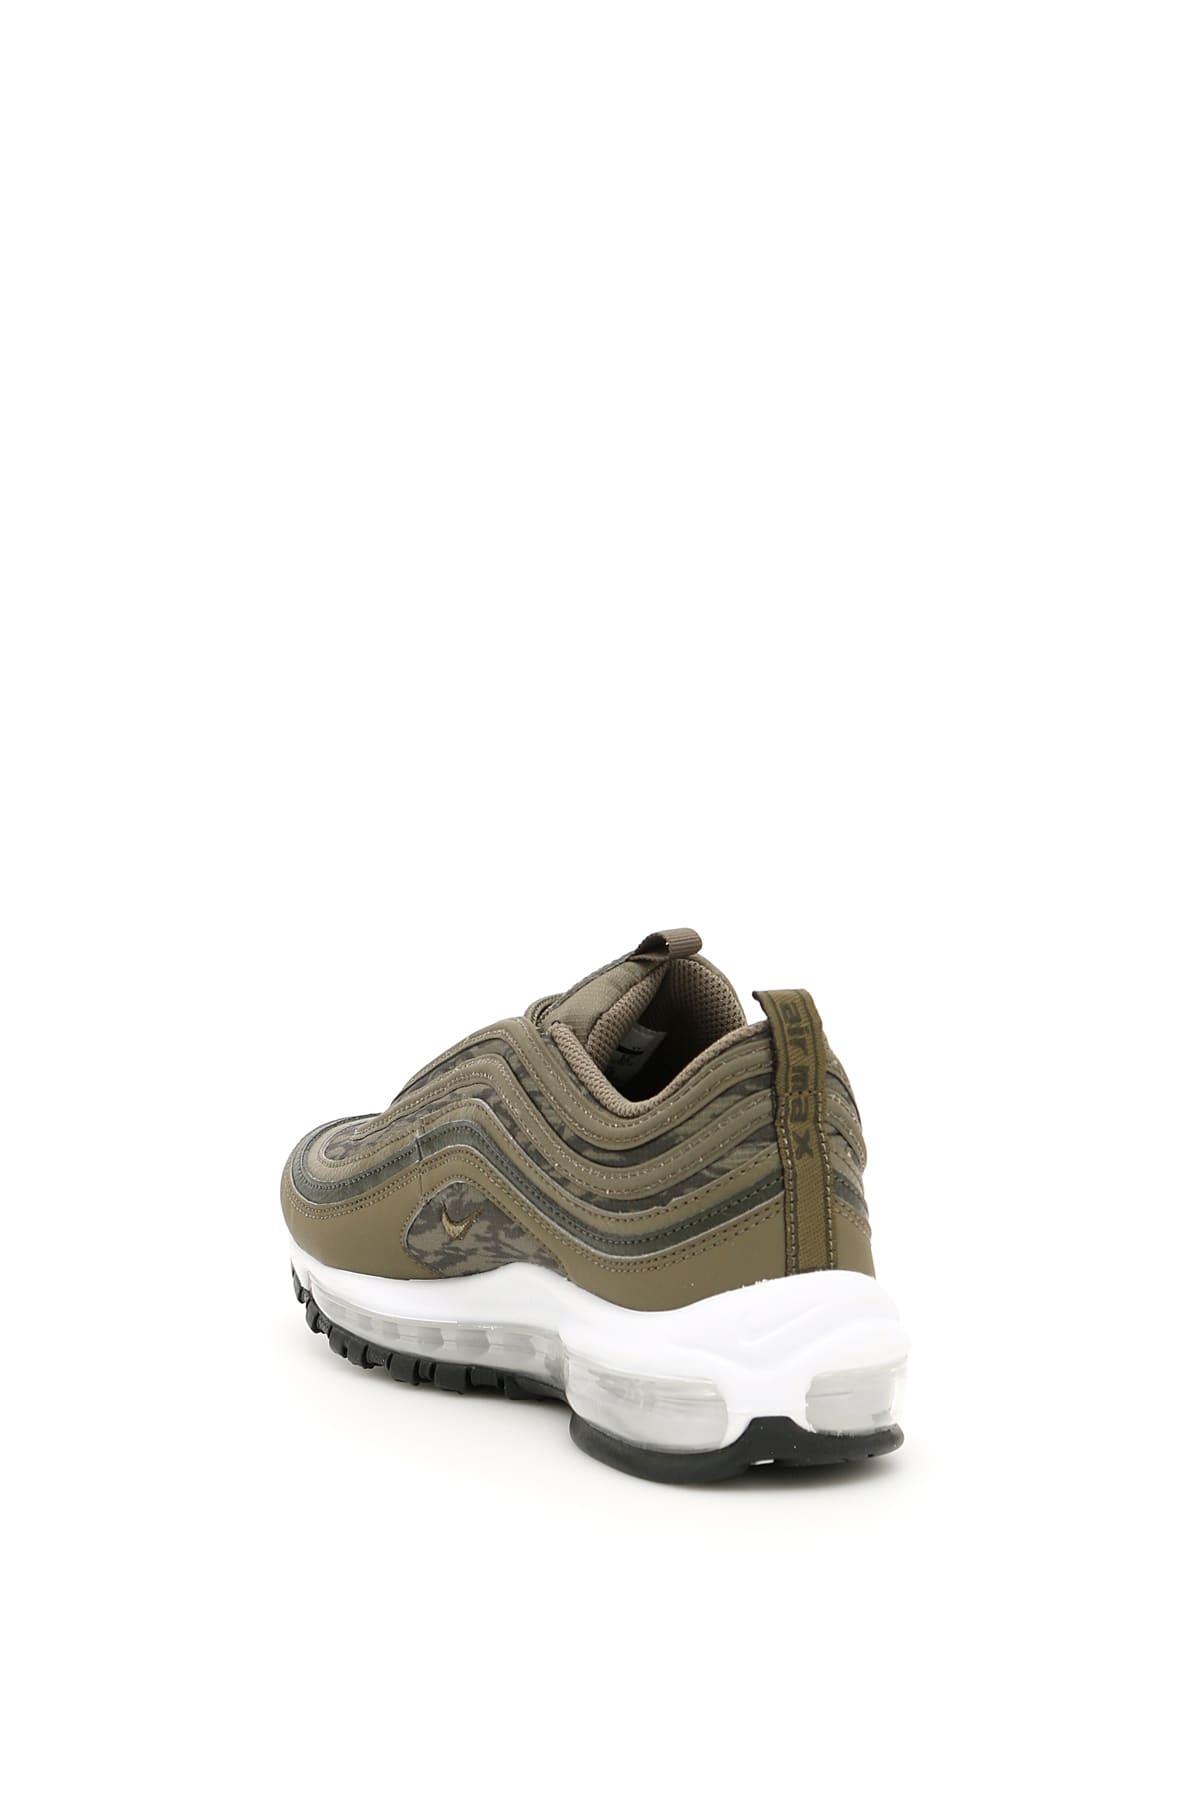 Nike Damen Sneaker Air Max 97 in rosa 664205 DefShop